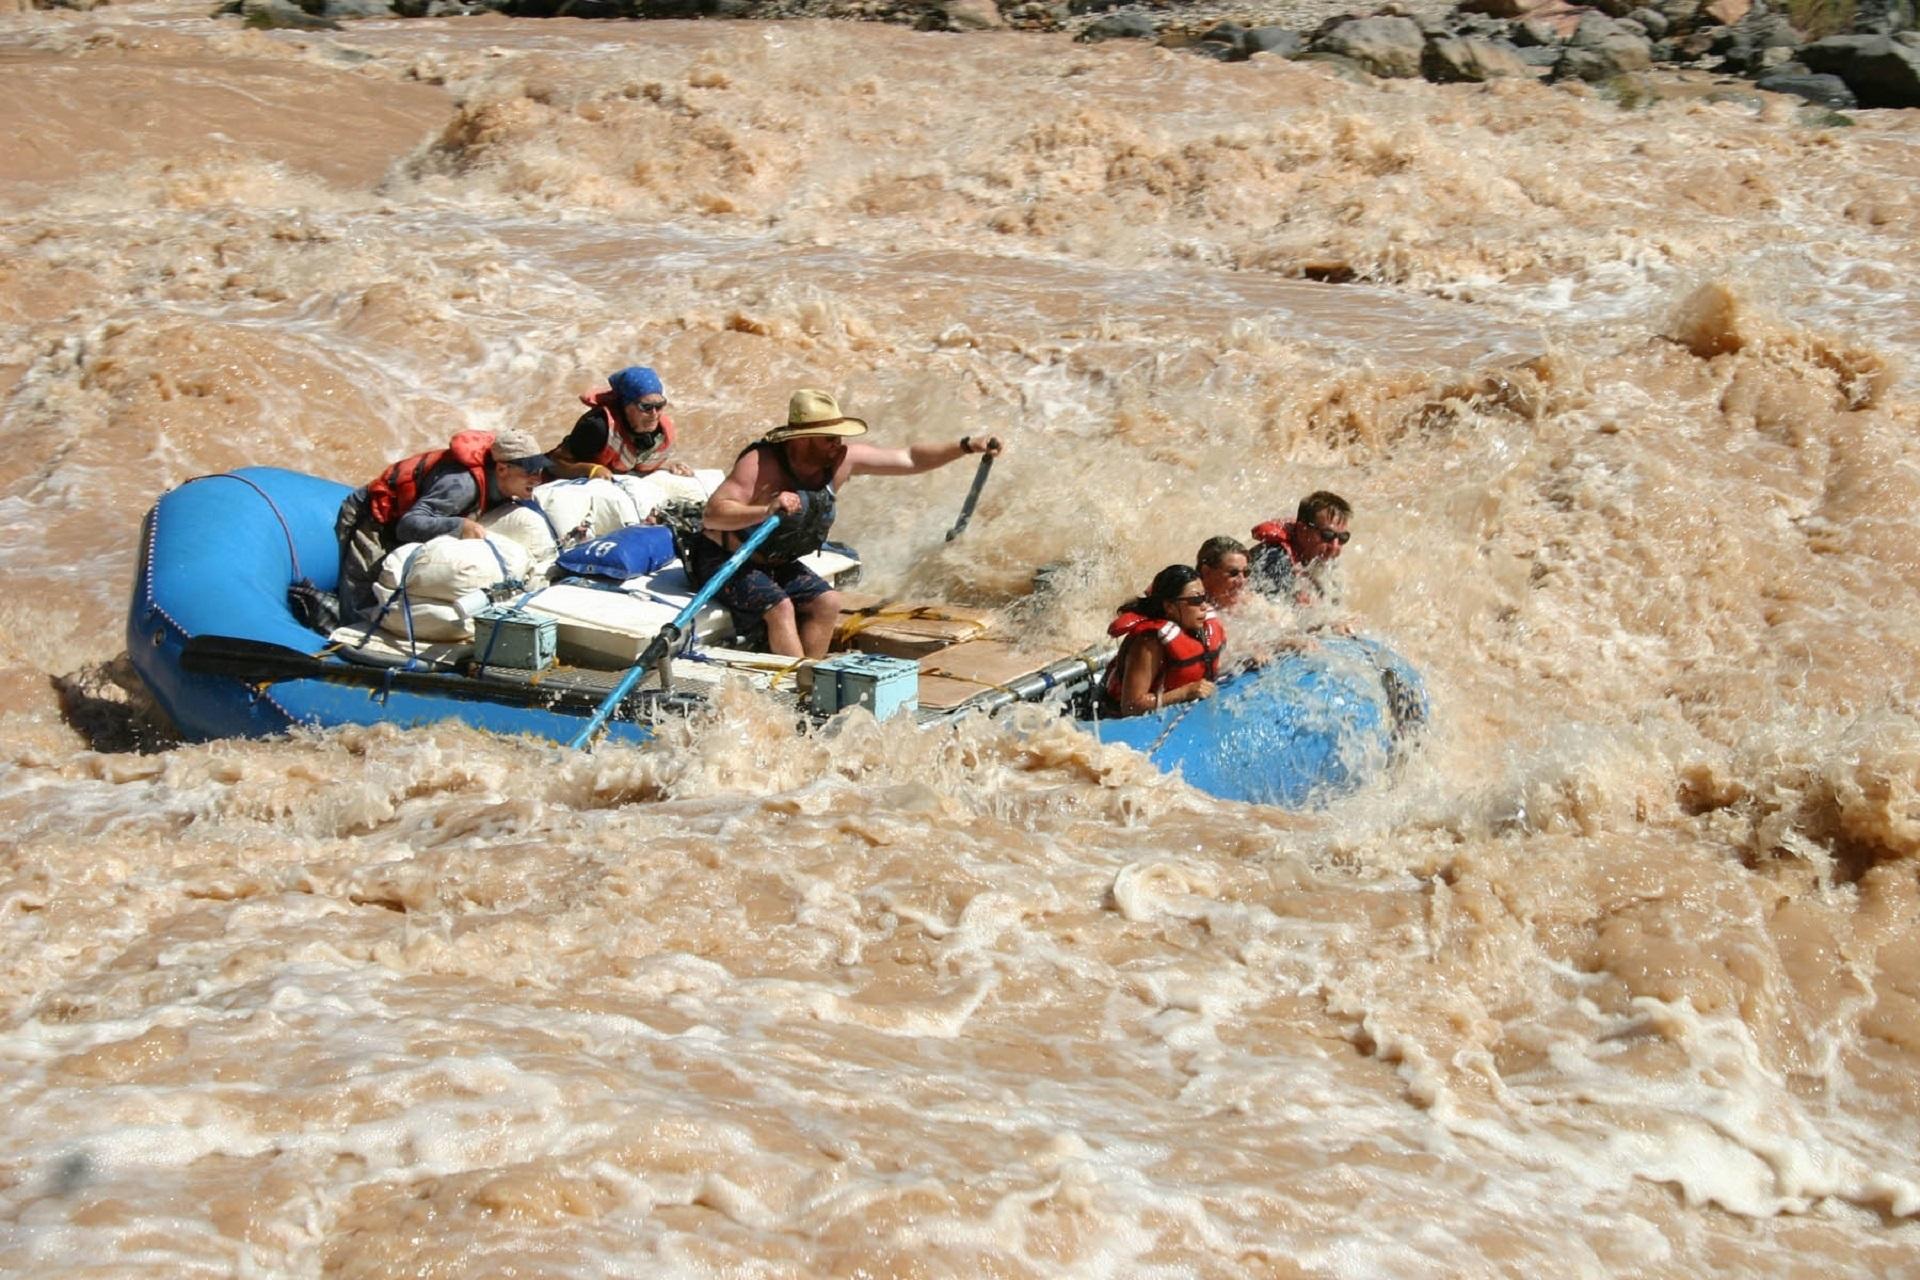 河, 快速, 漂流, 科罗拉多河, 风险 - 高清壁纸 - 教授-falken.com